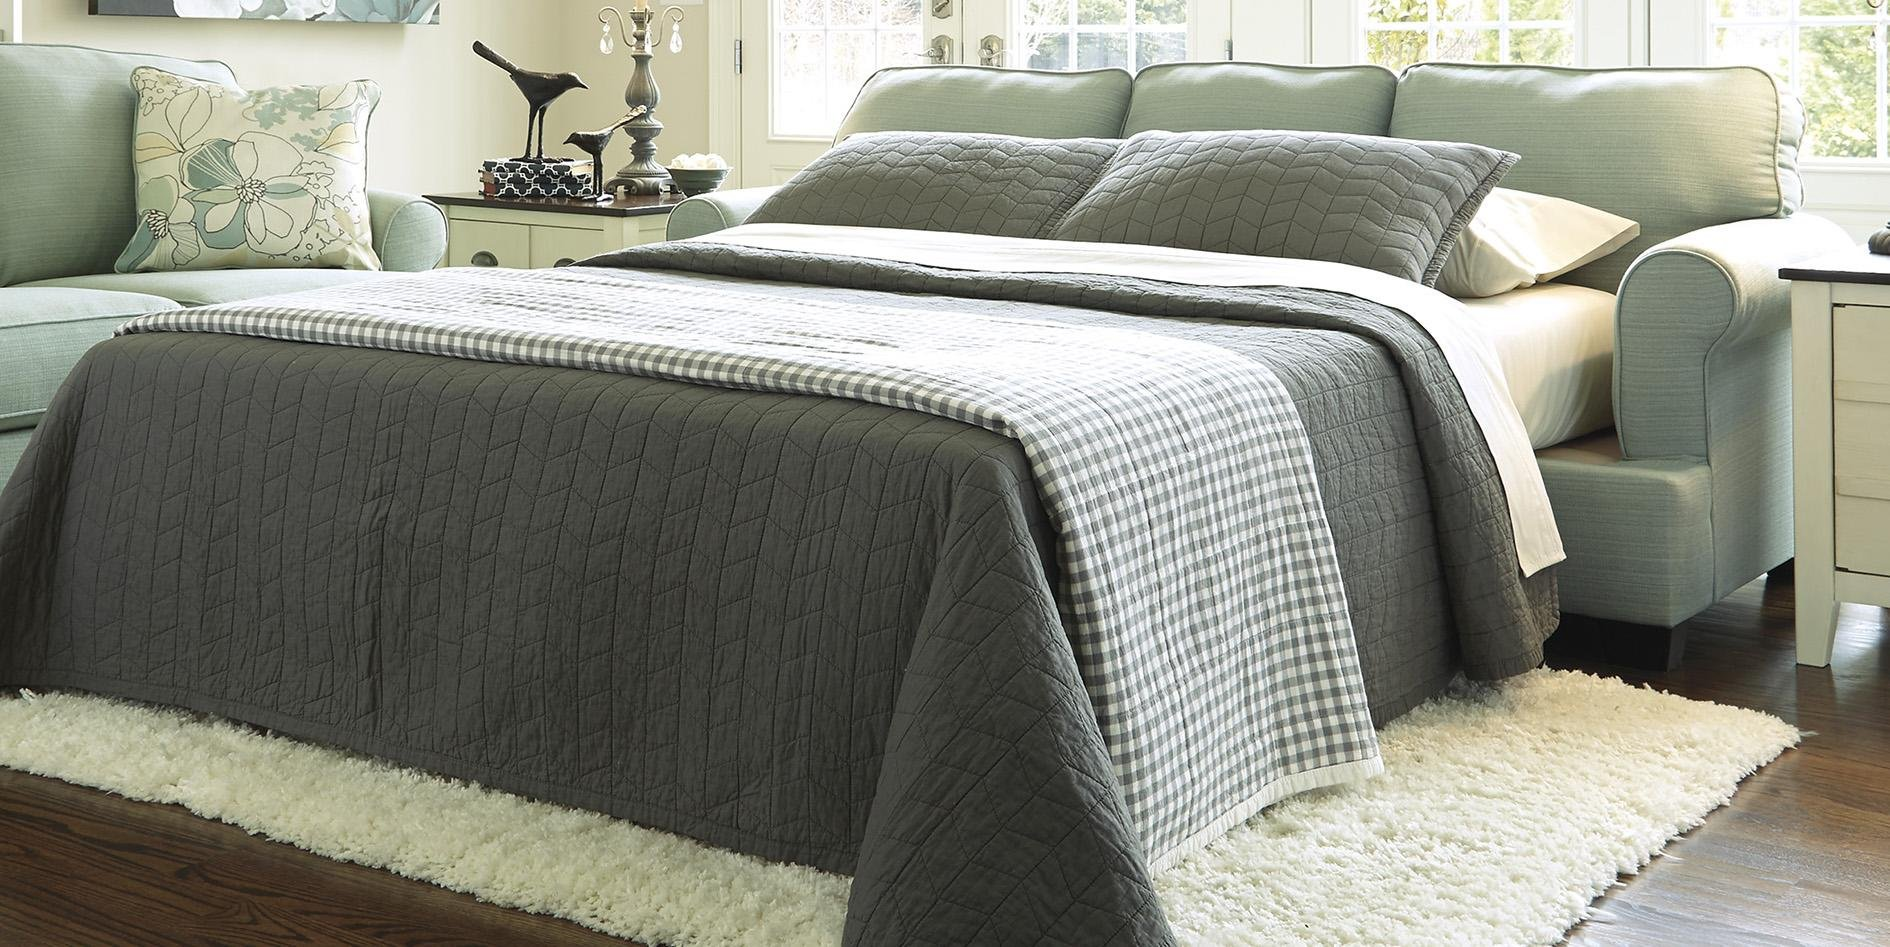 Signature Design by Ashley Daystar Seafoam Queen Sleeper Sofa by Signature Design by Ashley